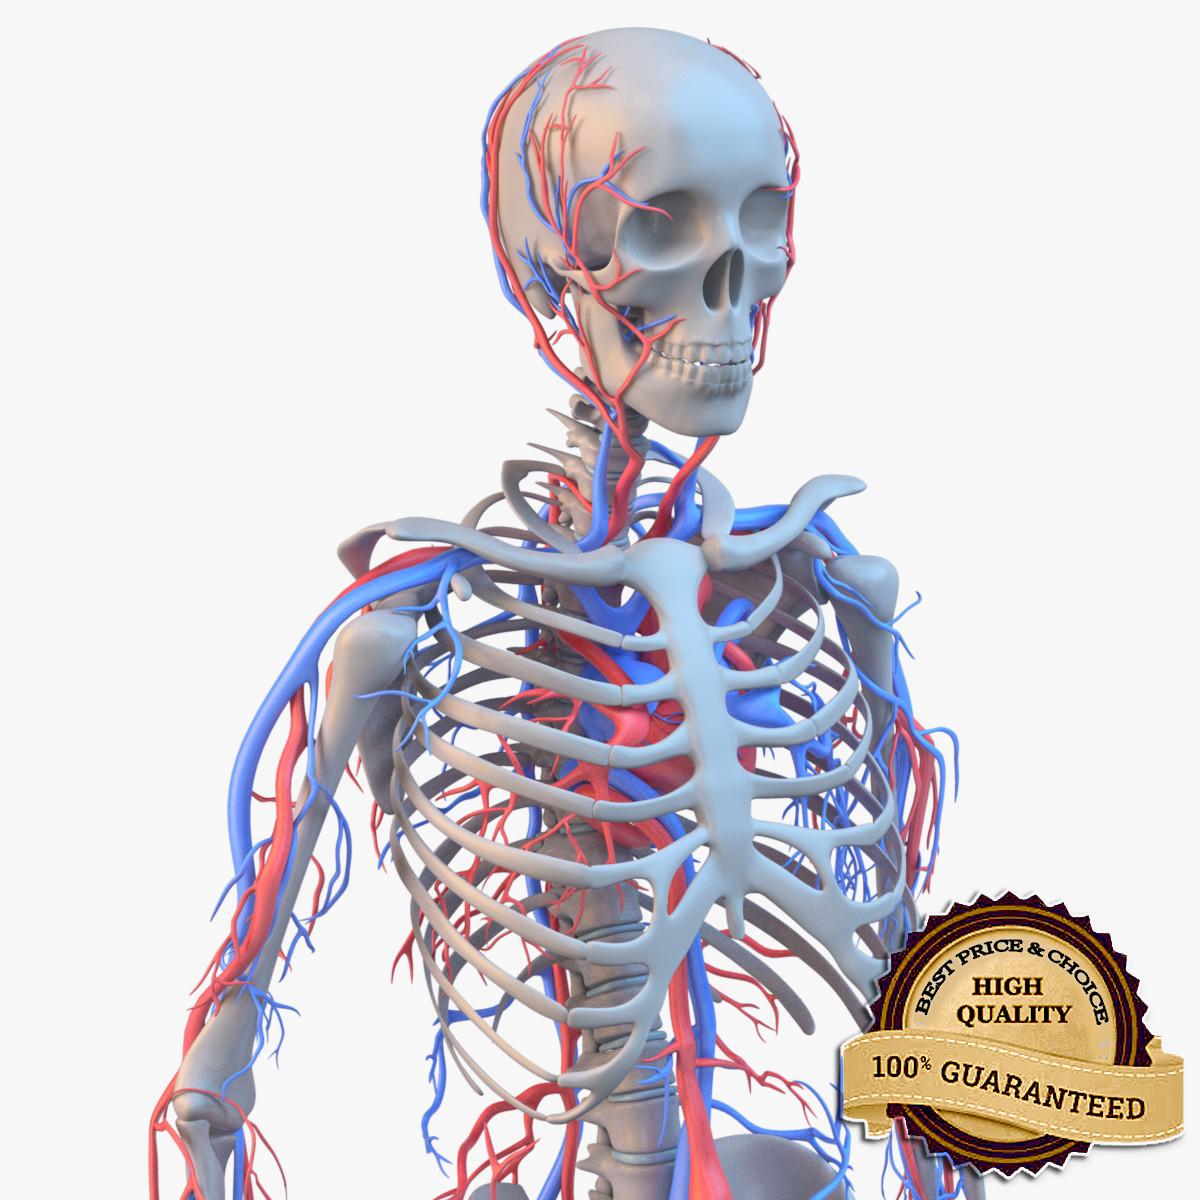 Skeleton_circulatory_sig_fr05_col_v01.5.png